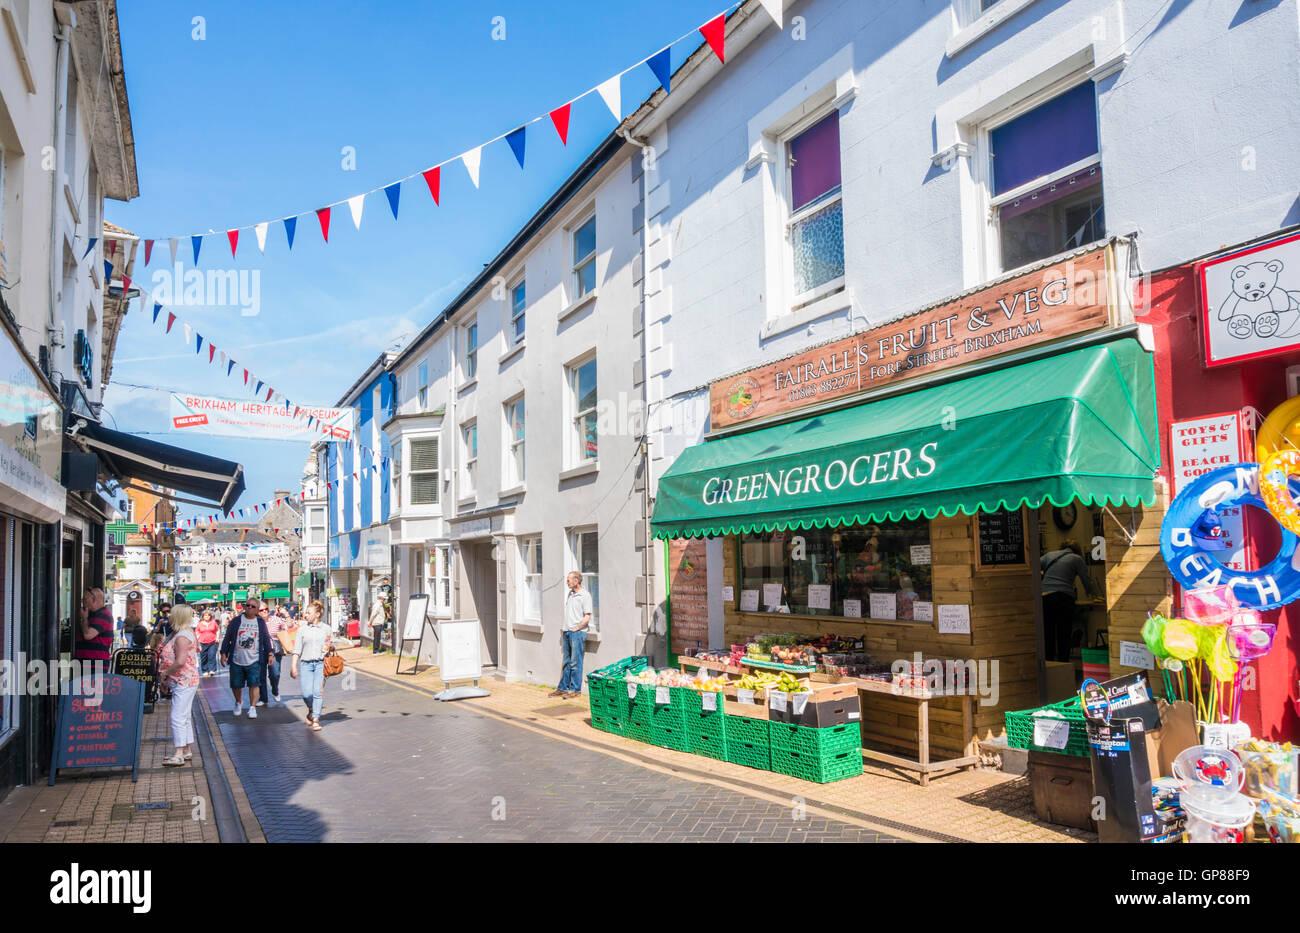 Shops on Fore Street Brixham Devon England UK GB EU Europe - Stock Image